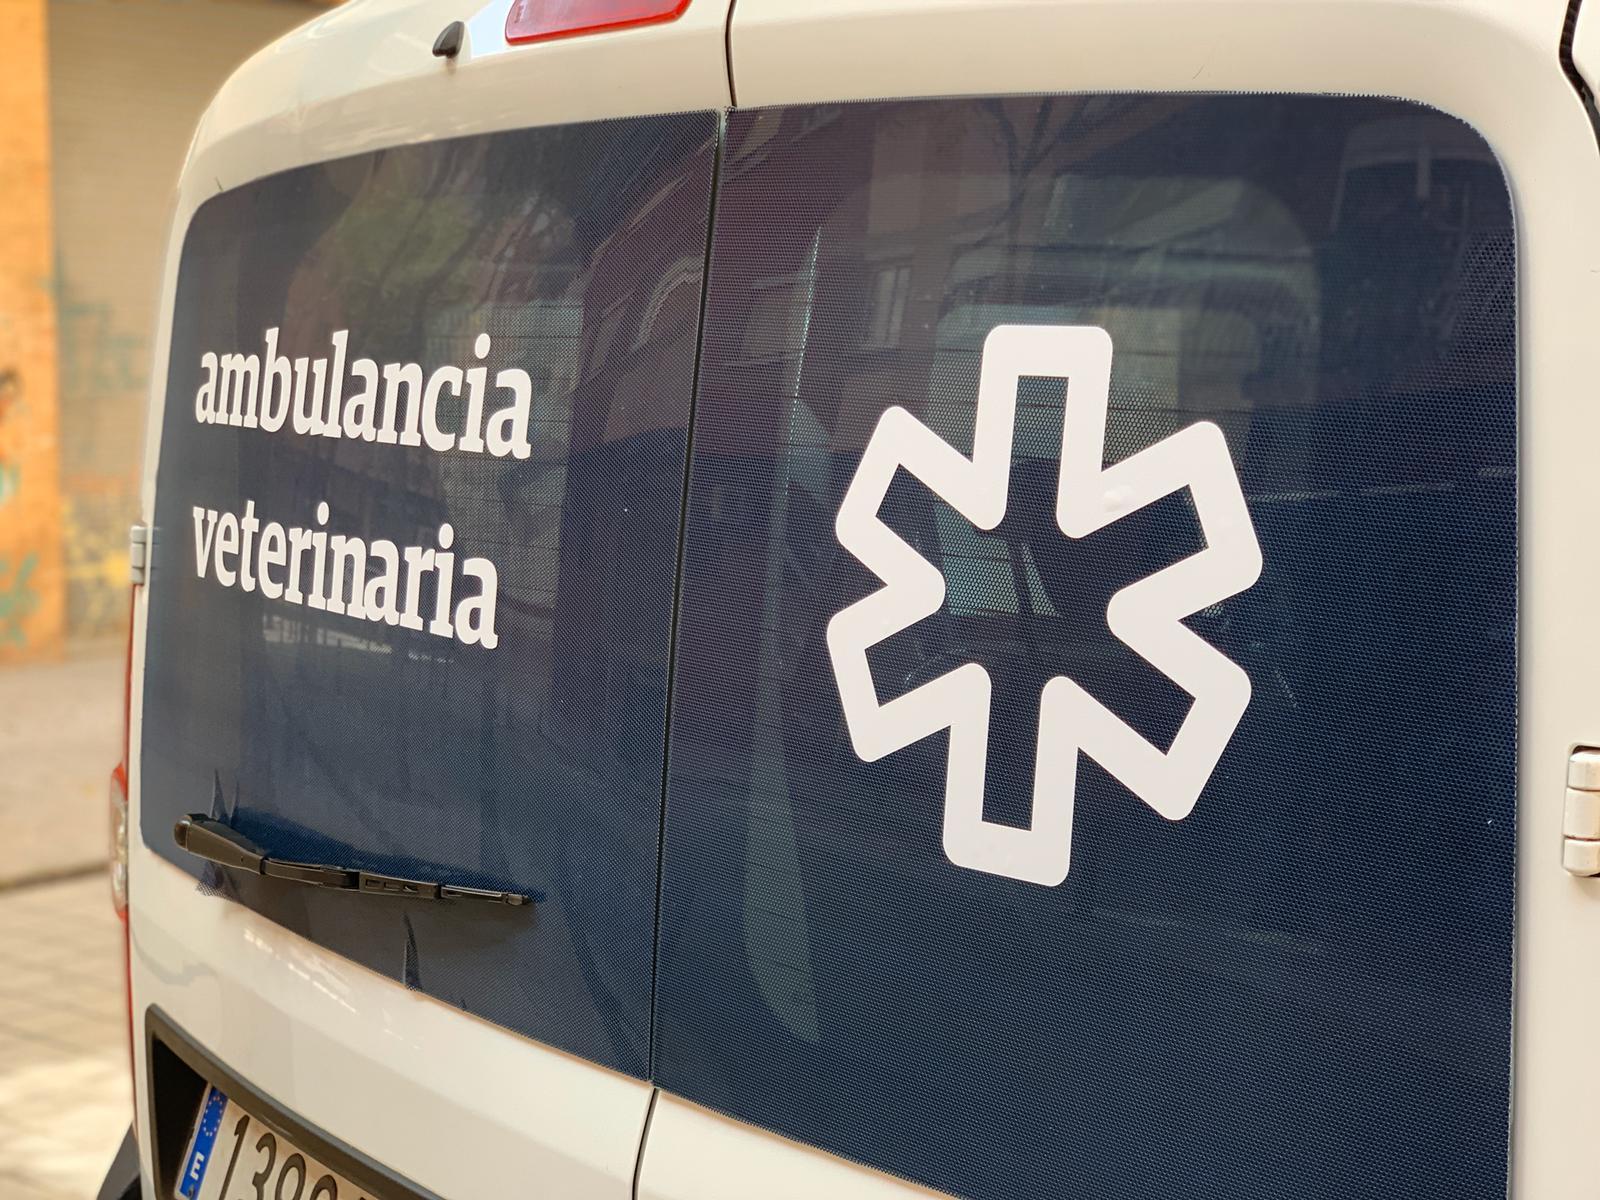 Ambulancia veterinaria en albacete